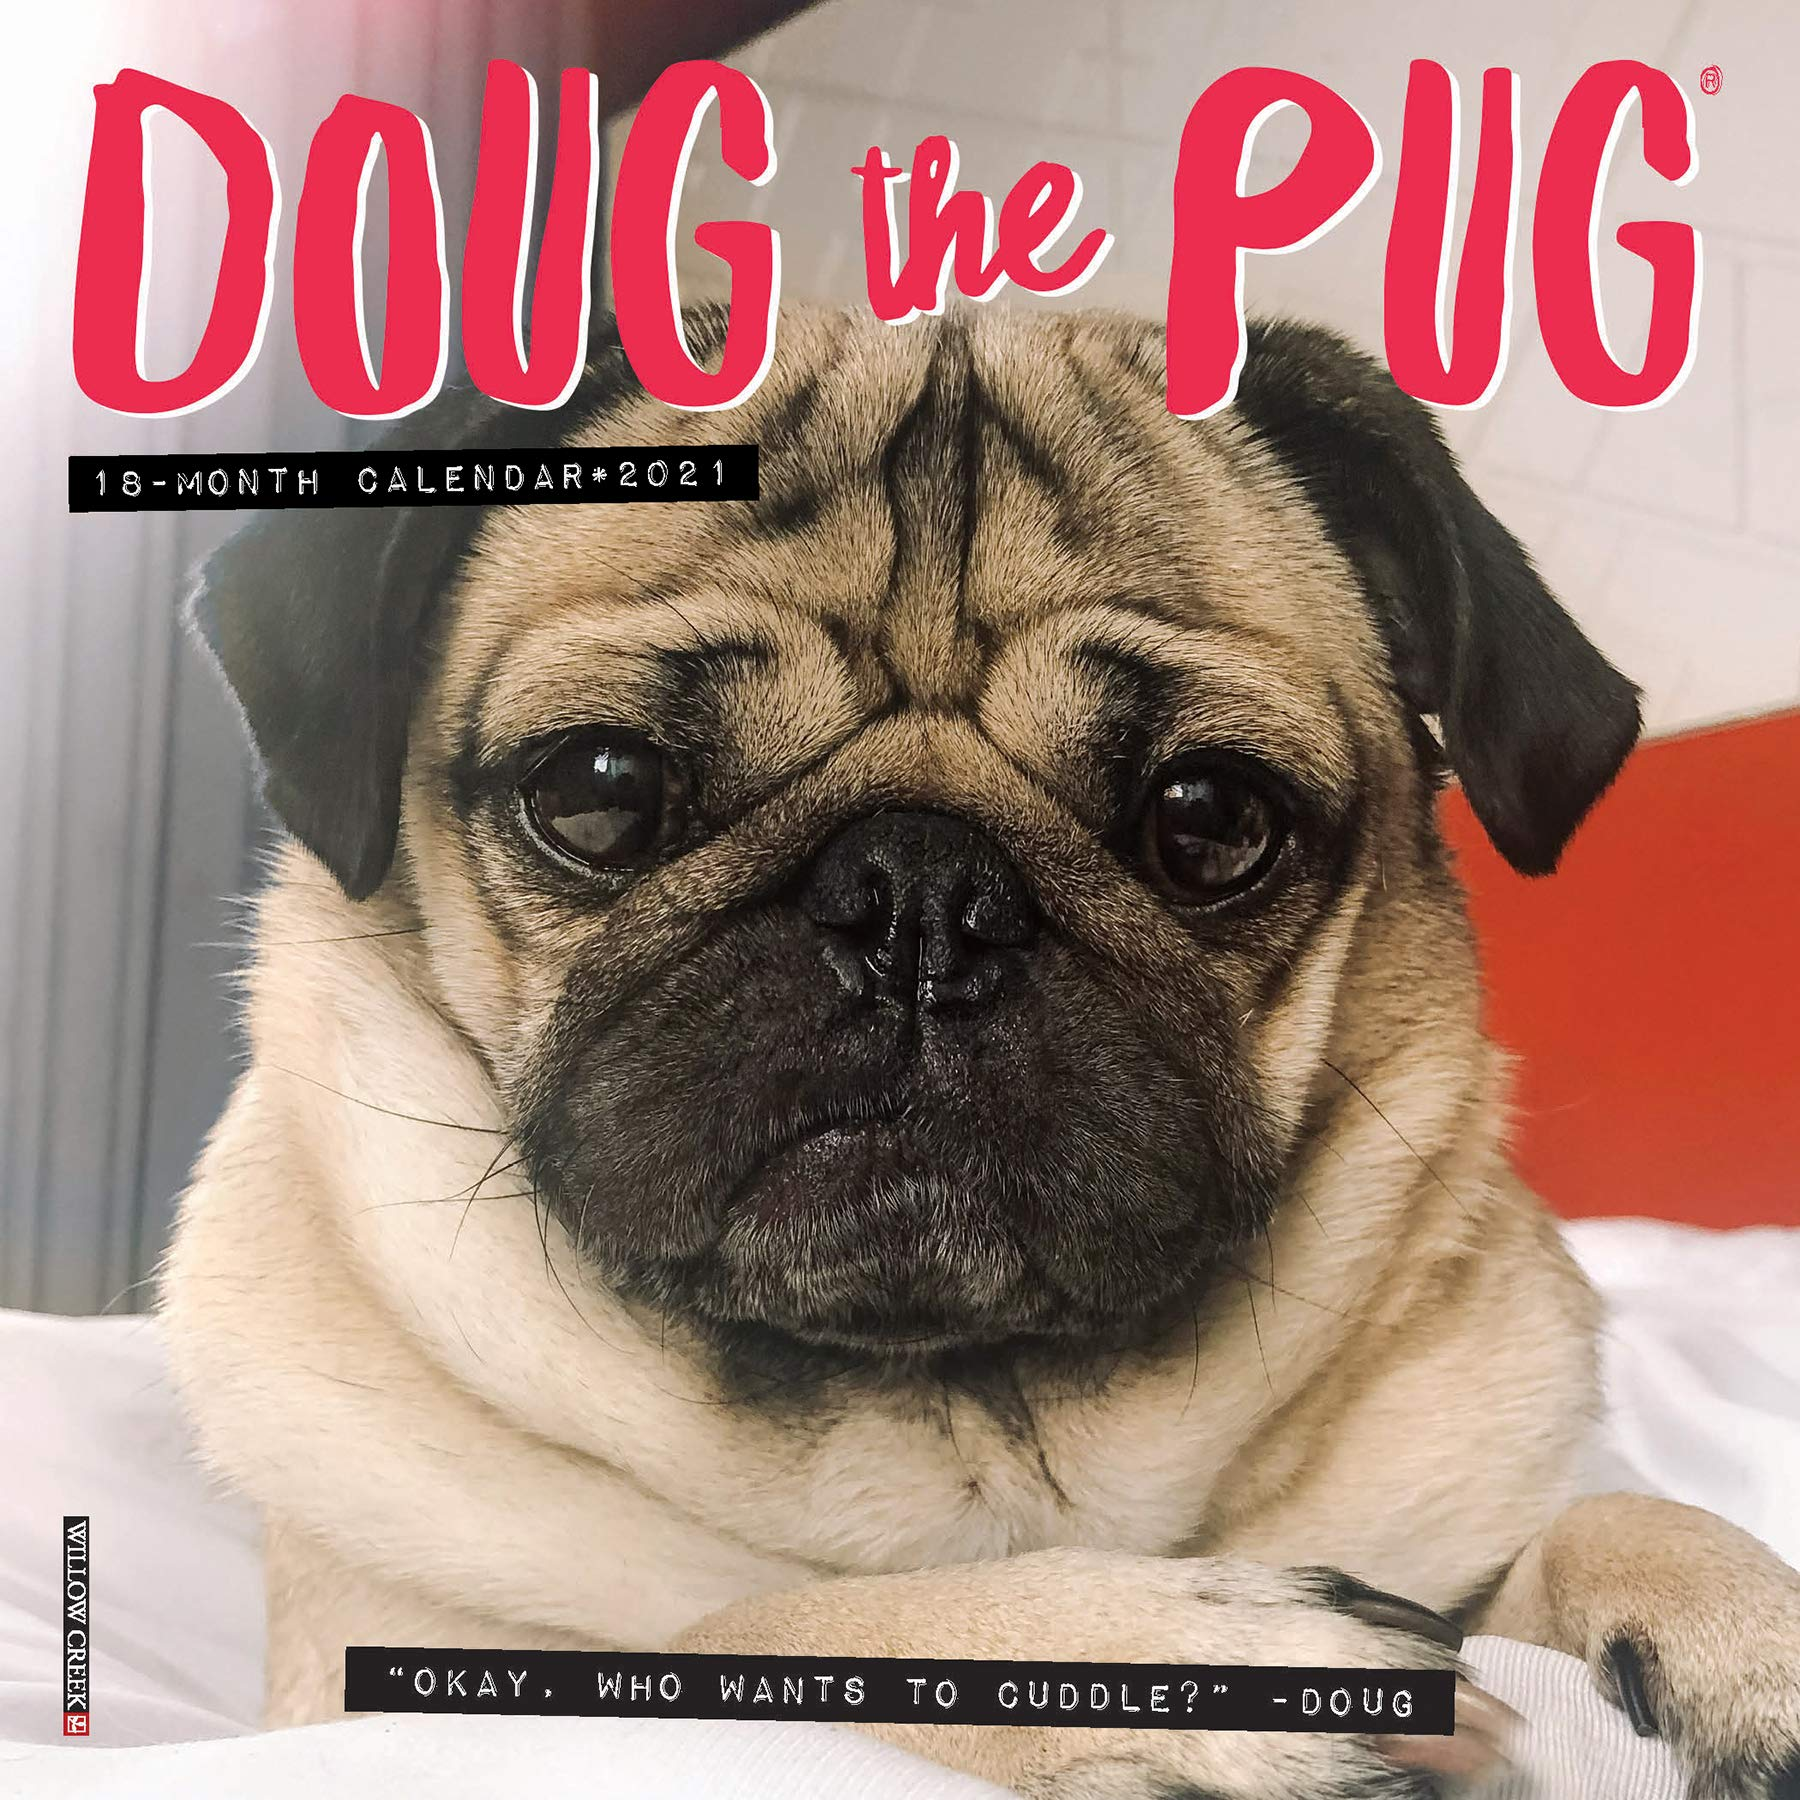 Doug The Pug 2021 Mini Wall Calendar Dog Breed Calendar Mosier Leslie 9781549214042 Books Amazon Ca